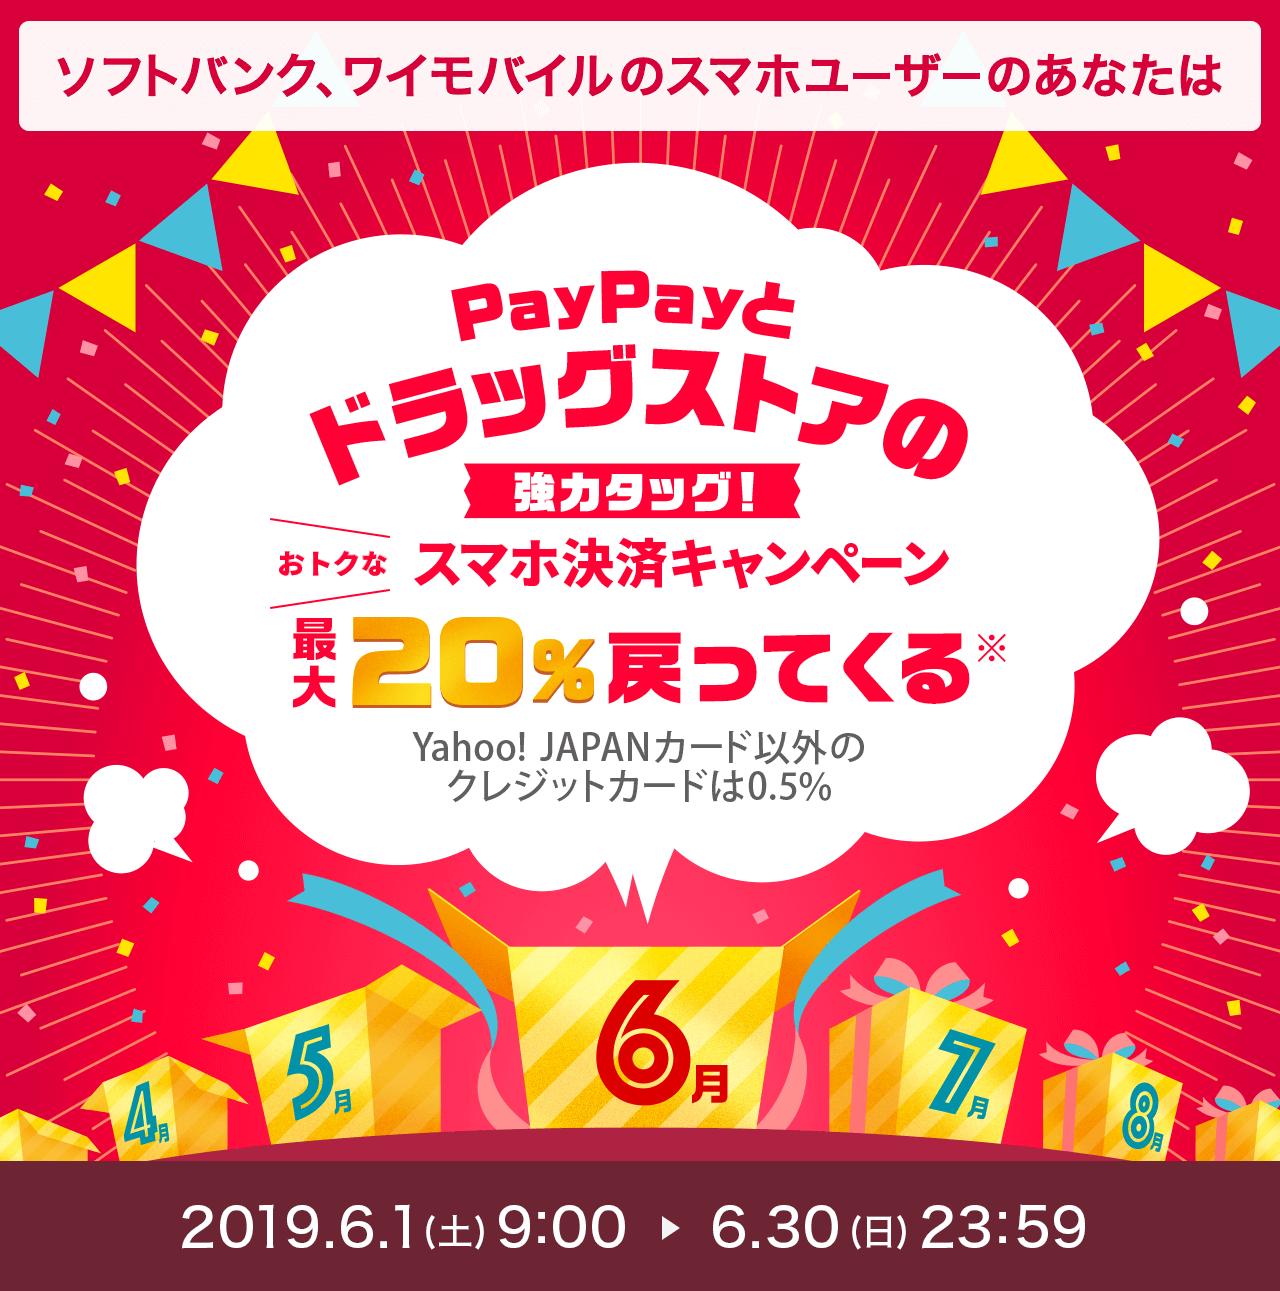 PayPayとドラッグストアの強力タッグ!おトクなスマホ決済キャンペーン 最大20%戻ってくる